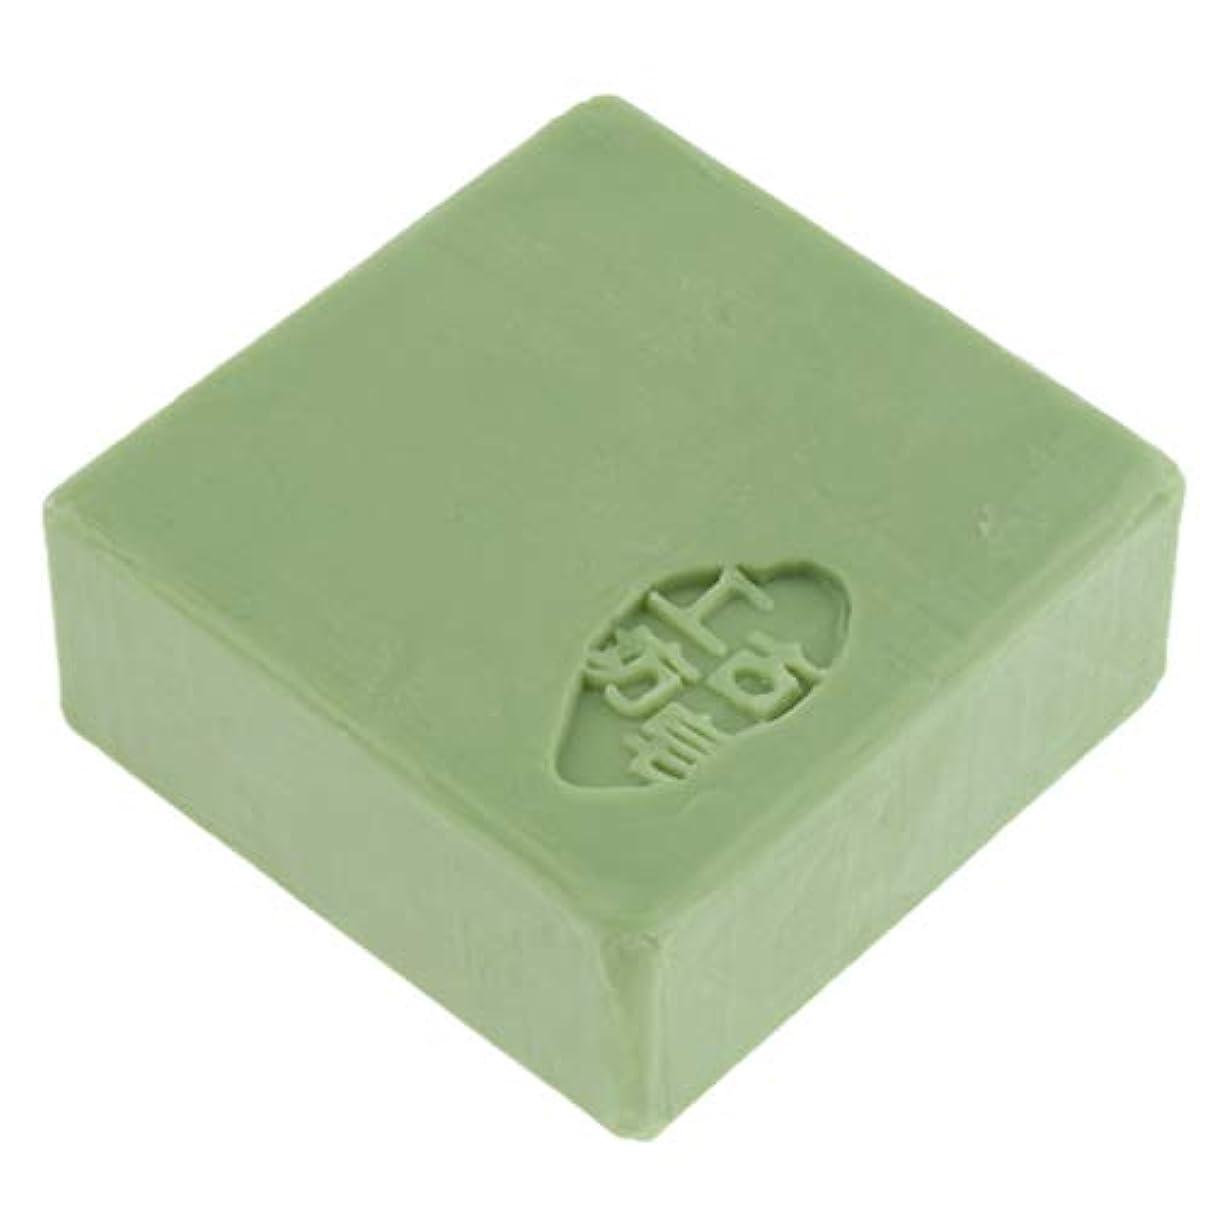 痛い買収鏡フェイスソープ ボディソープ スキンケア 石鹸 メイク落とし 全3色 - 緑